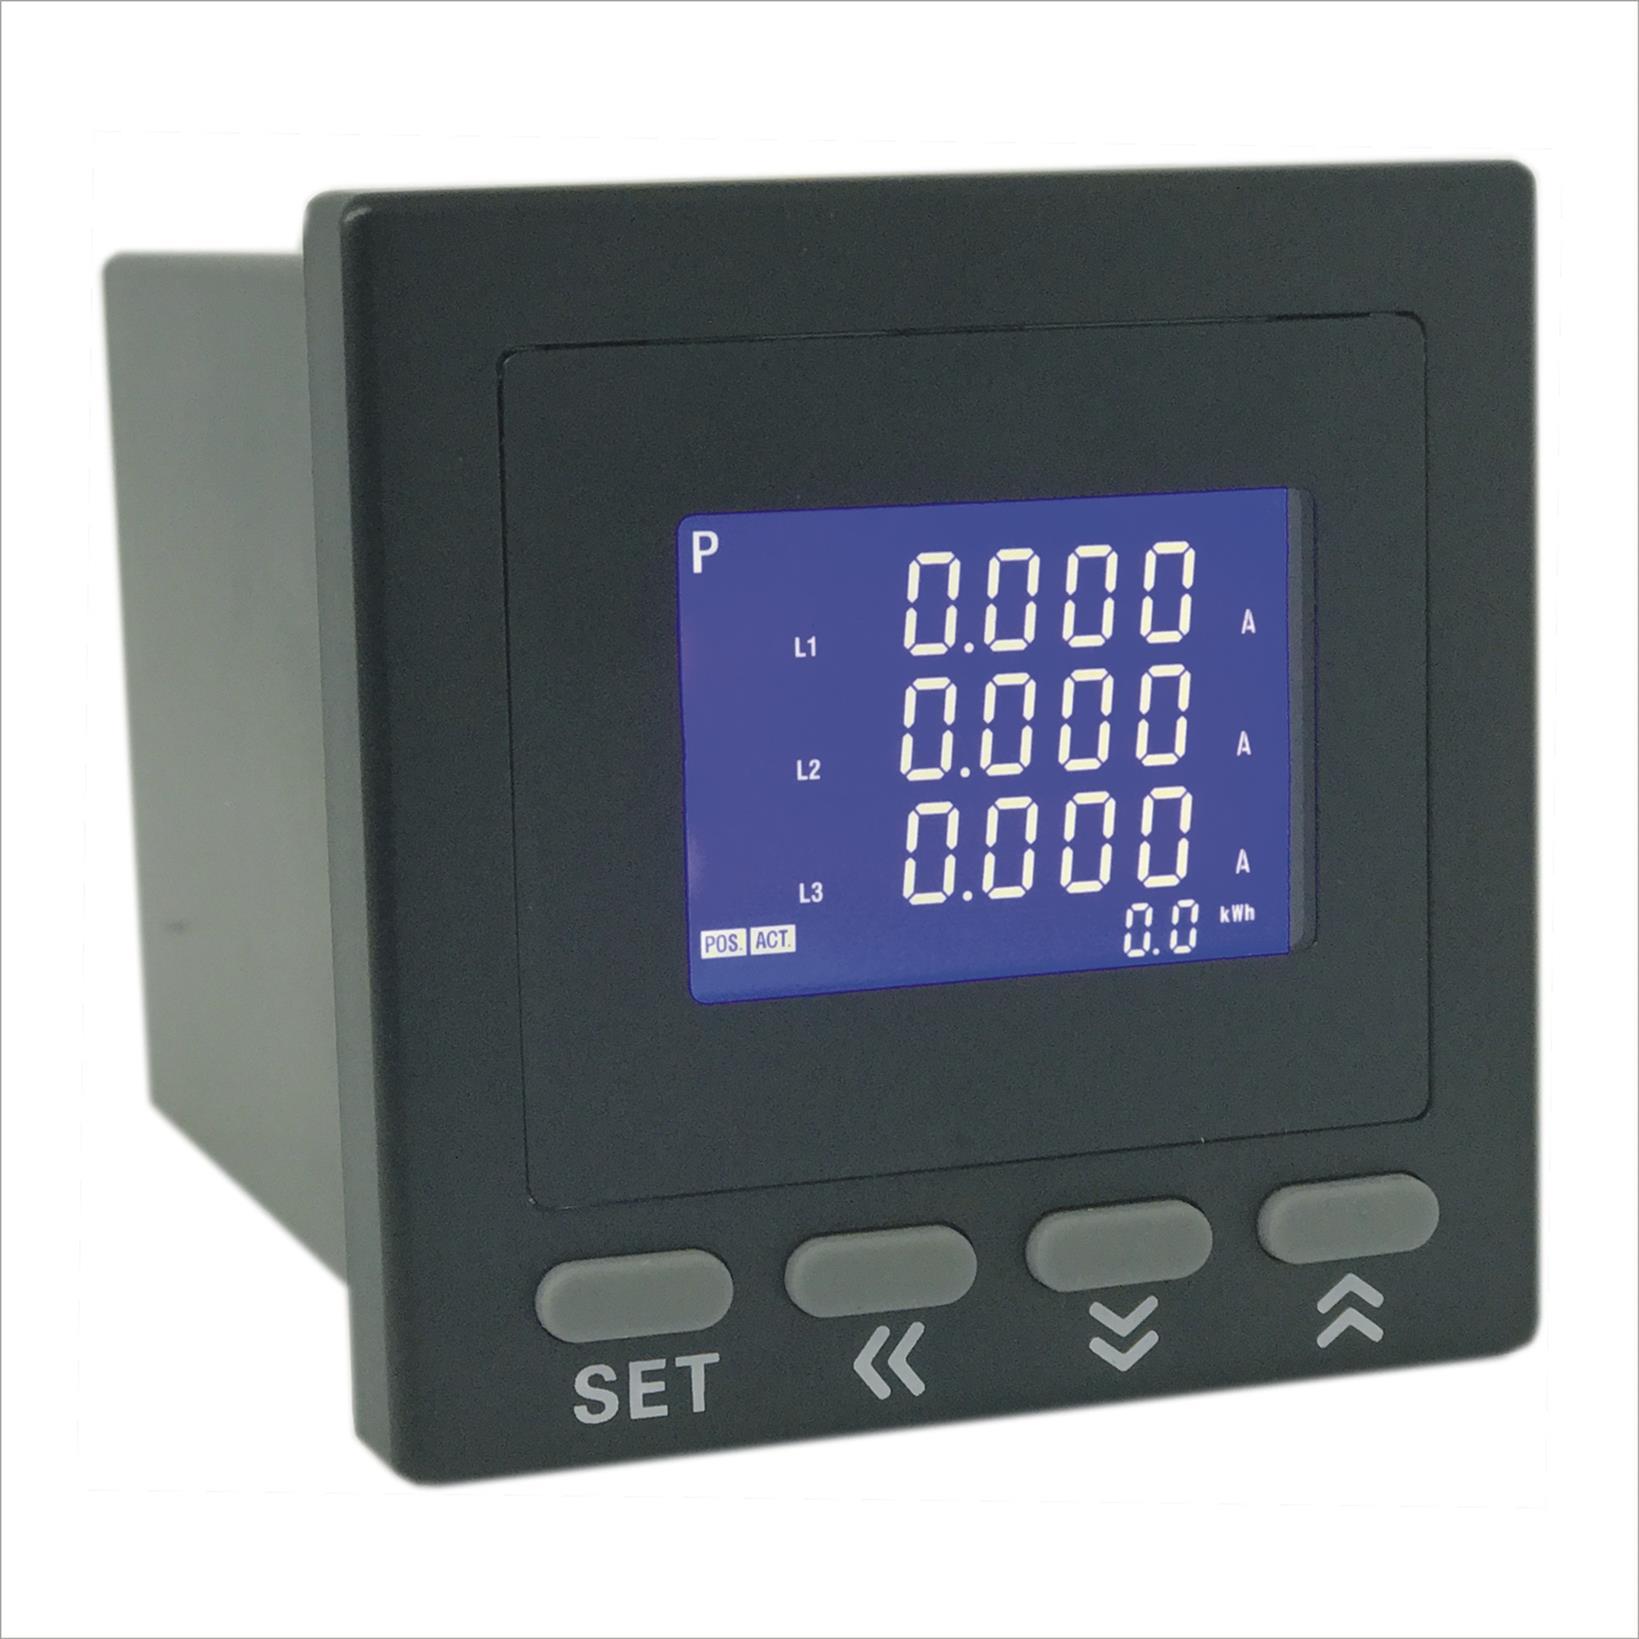 AOB192E-7TY液晶多功能电力仪表厂家直销 技术服务强